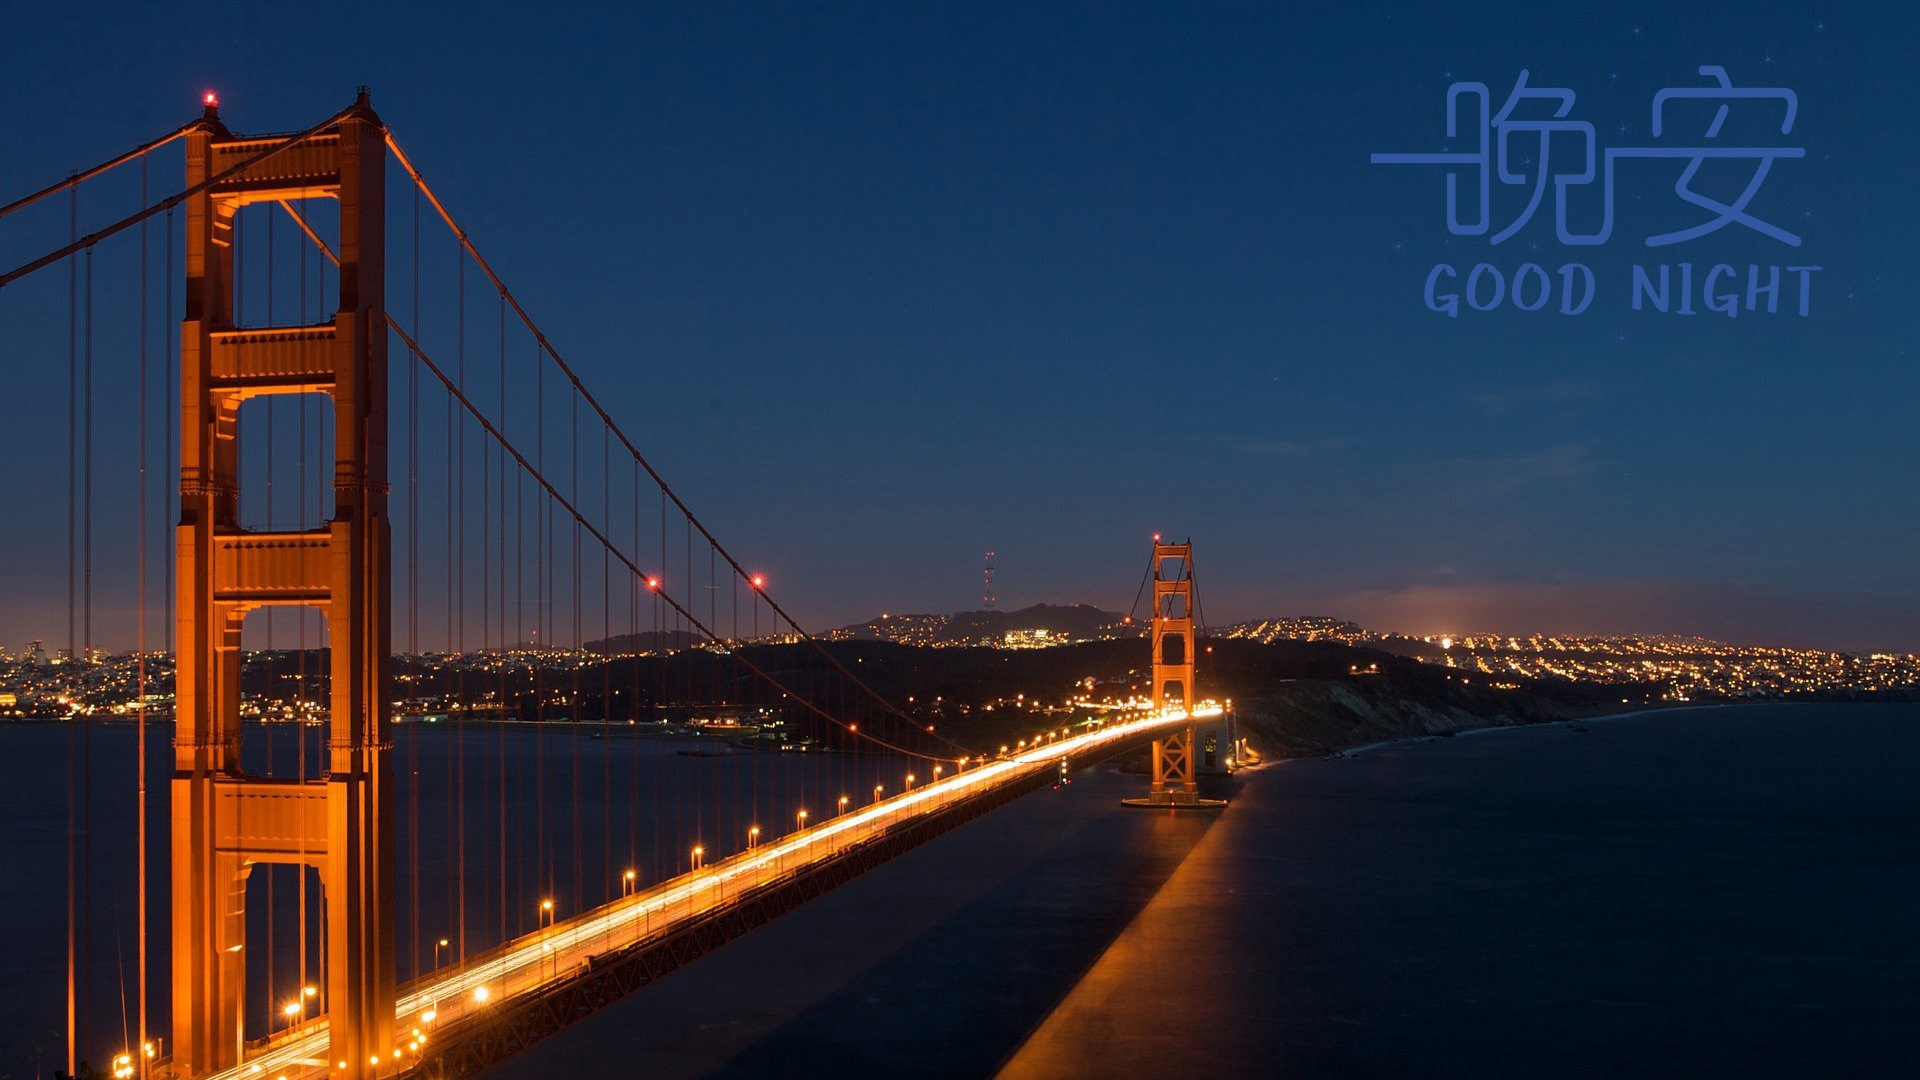 宁静的江面大桥唯美高清壁纸